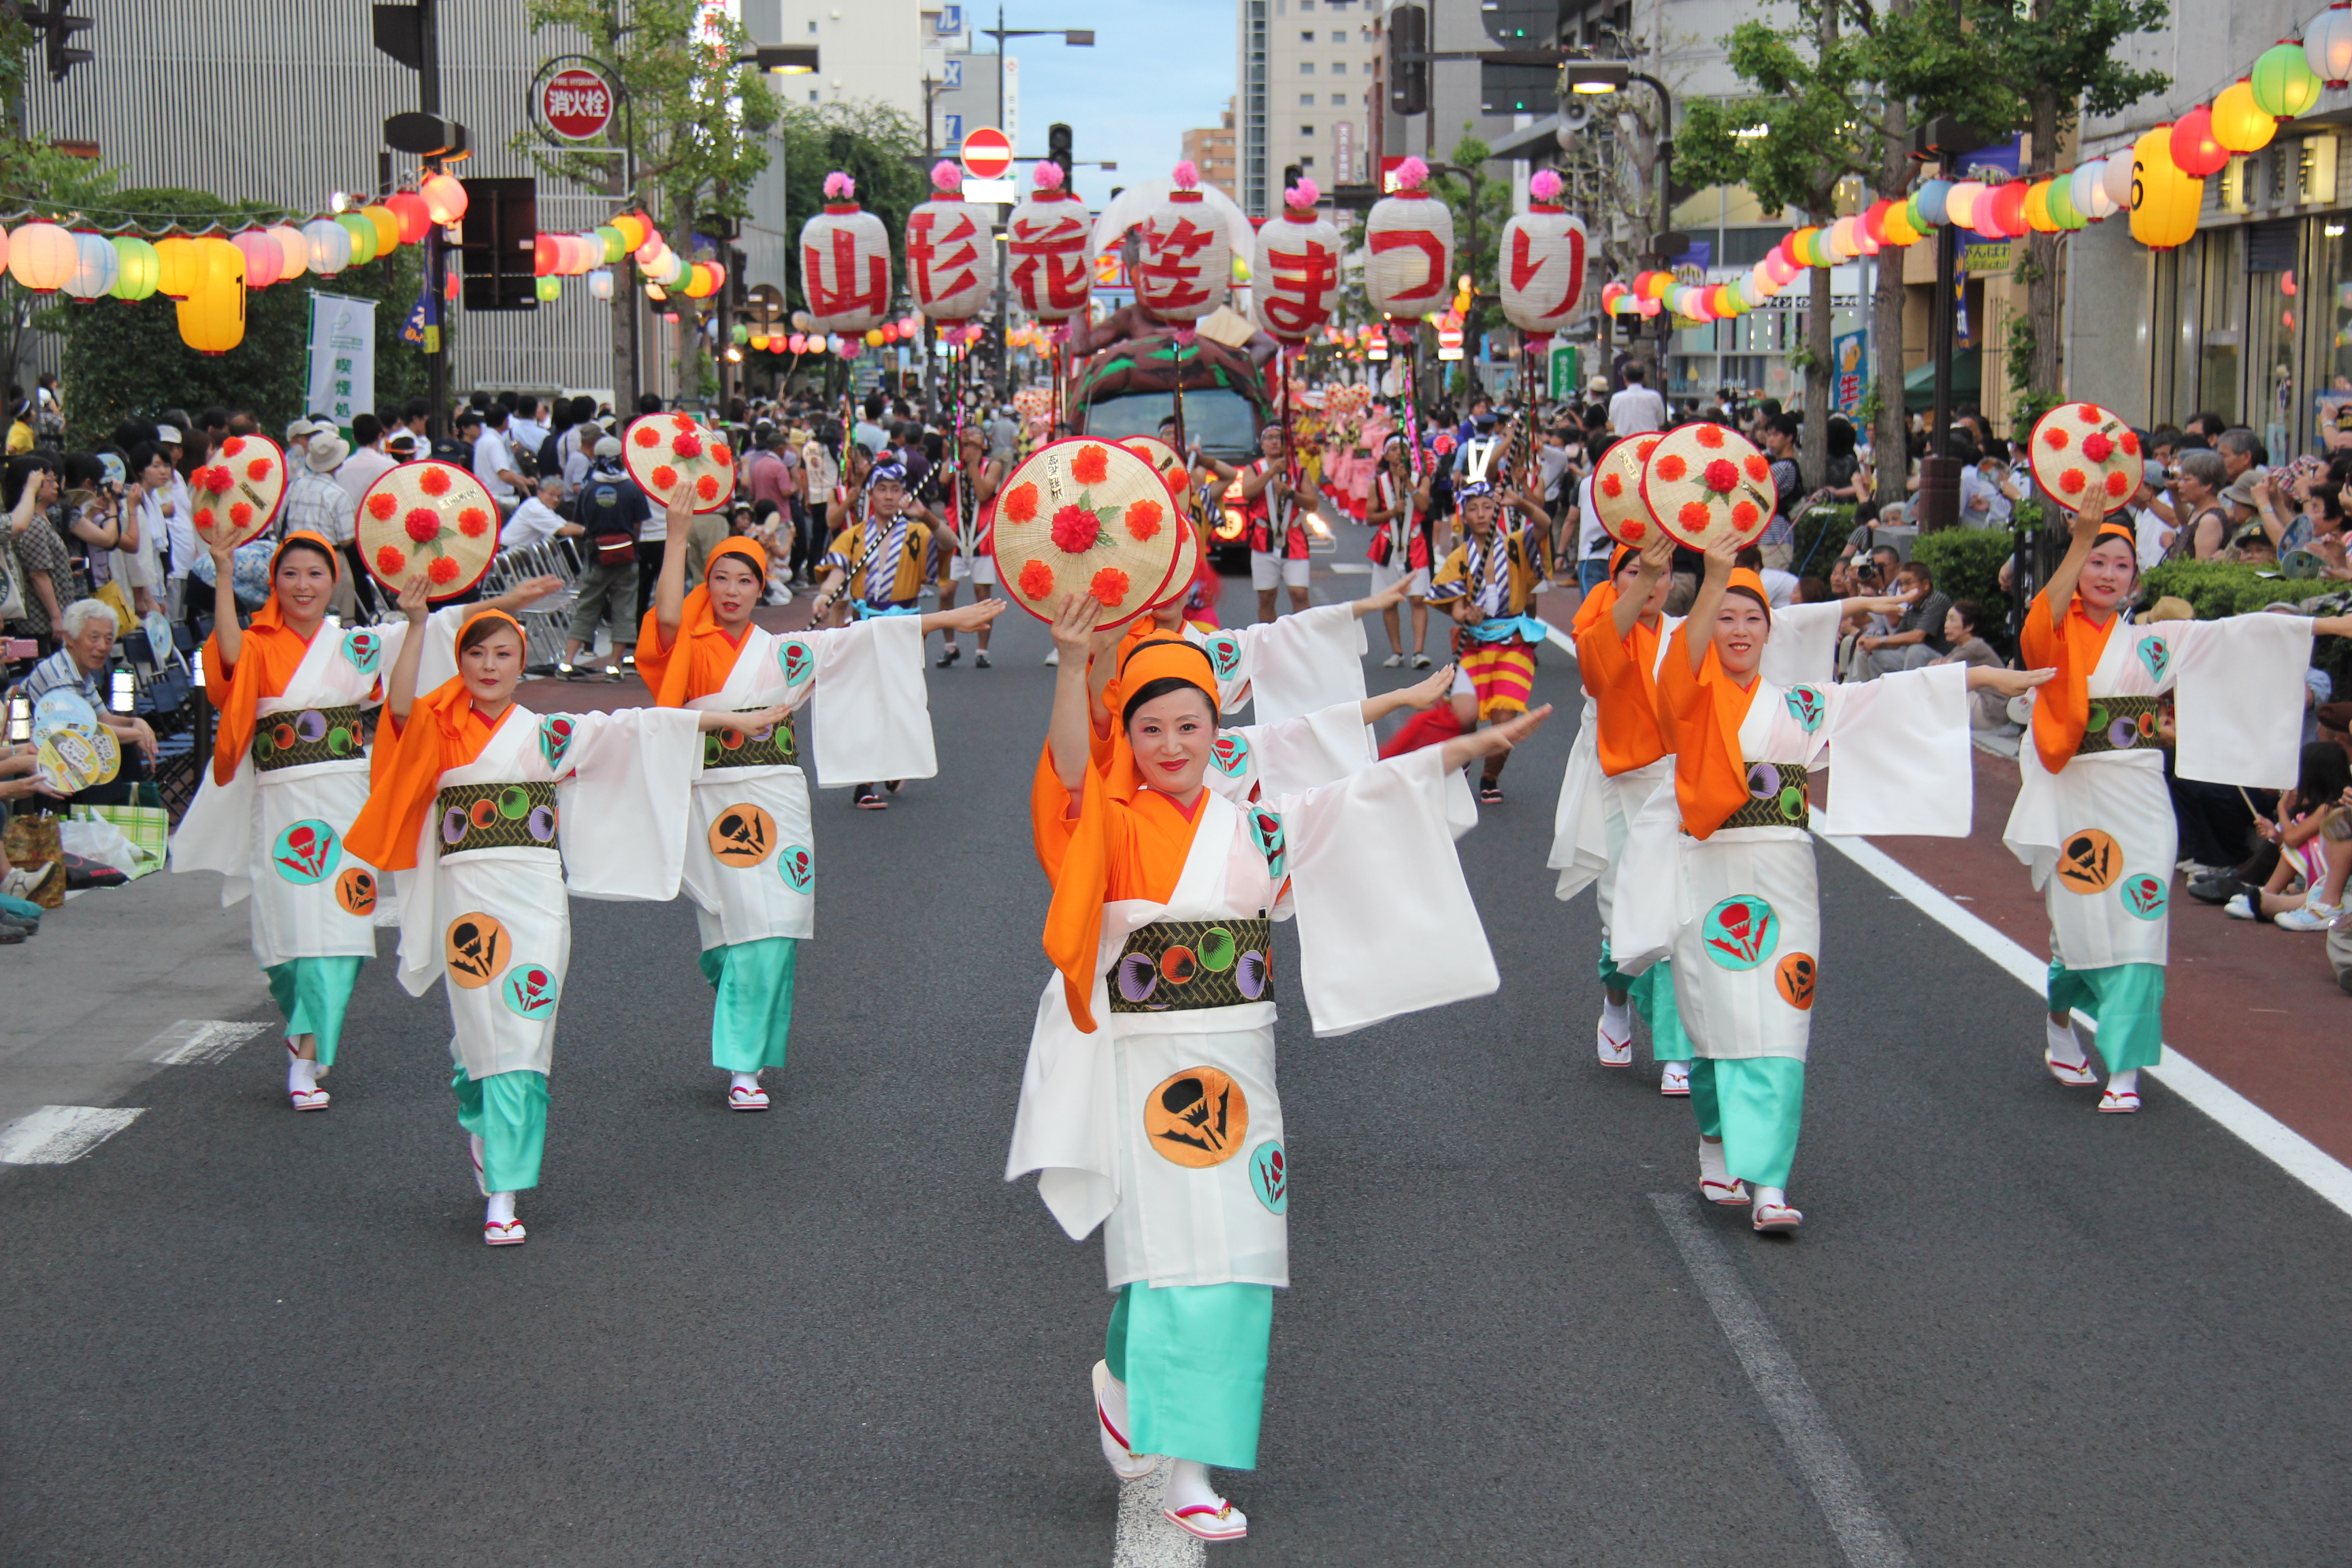 山形花笠祭り 画像提供:山形県花笠協議会